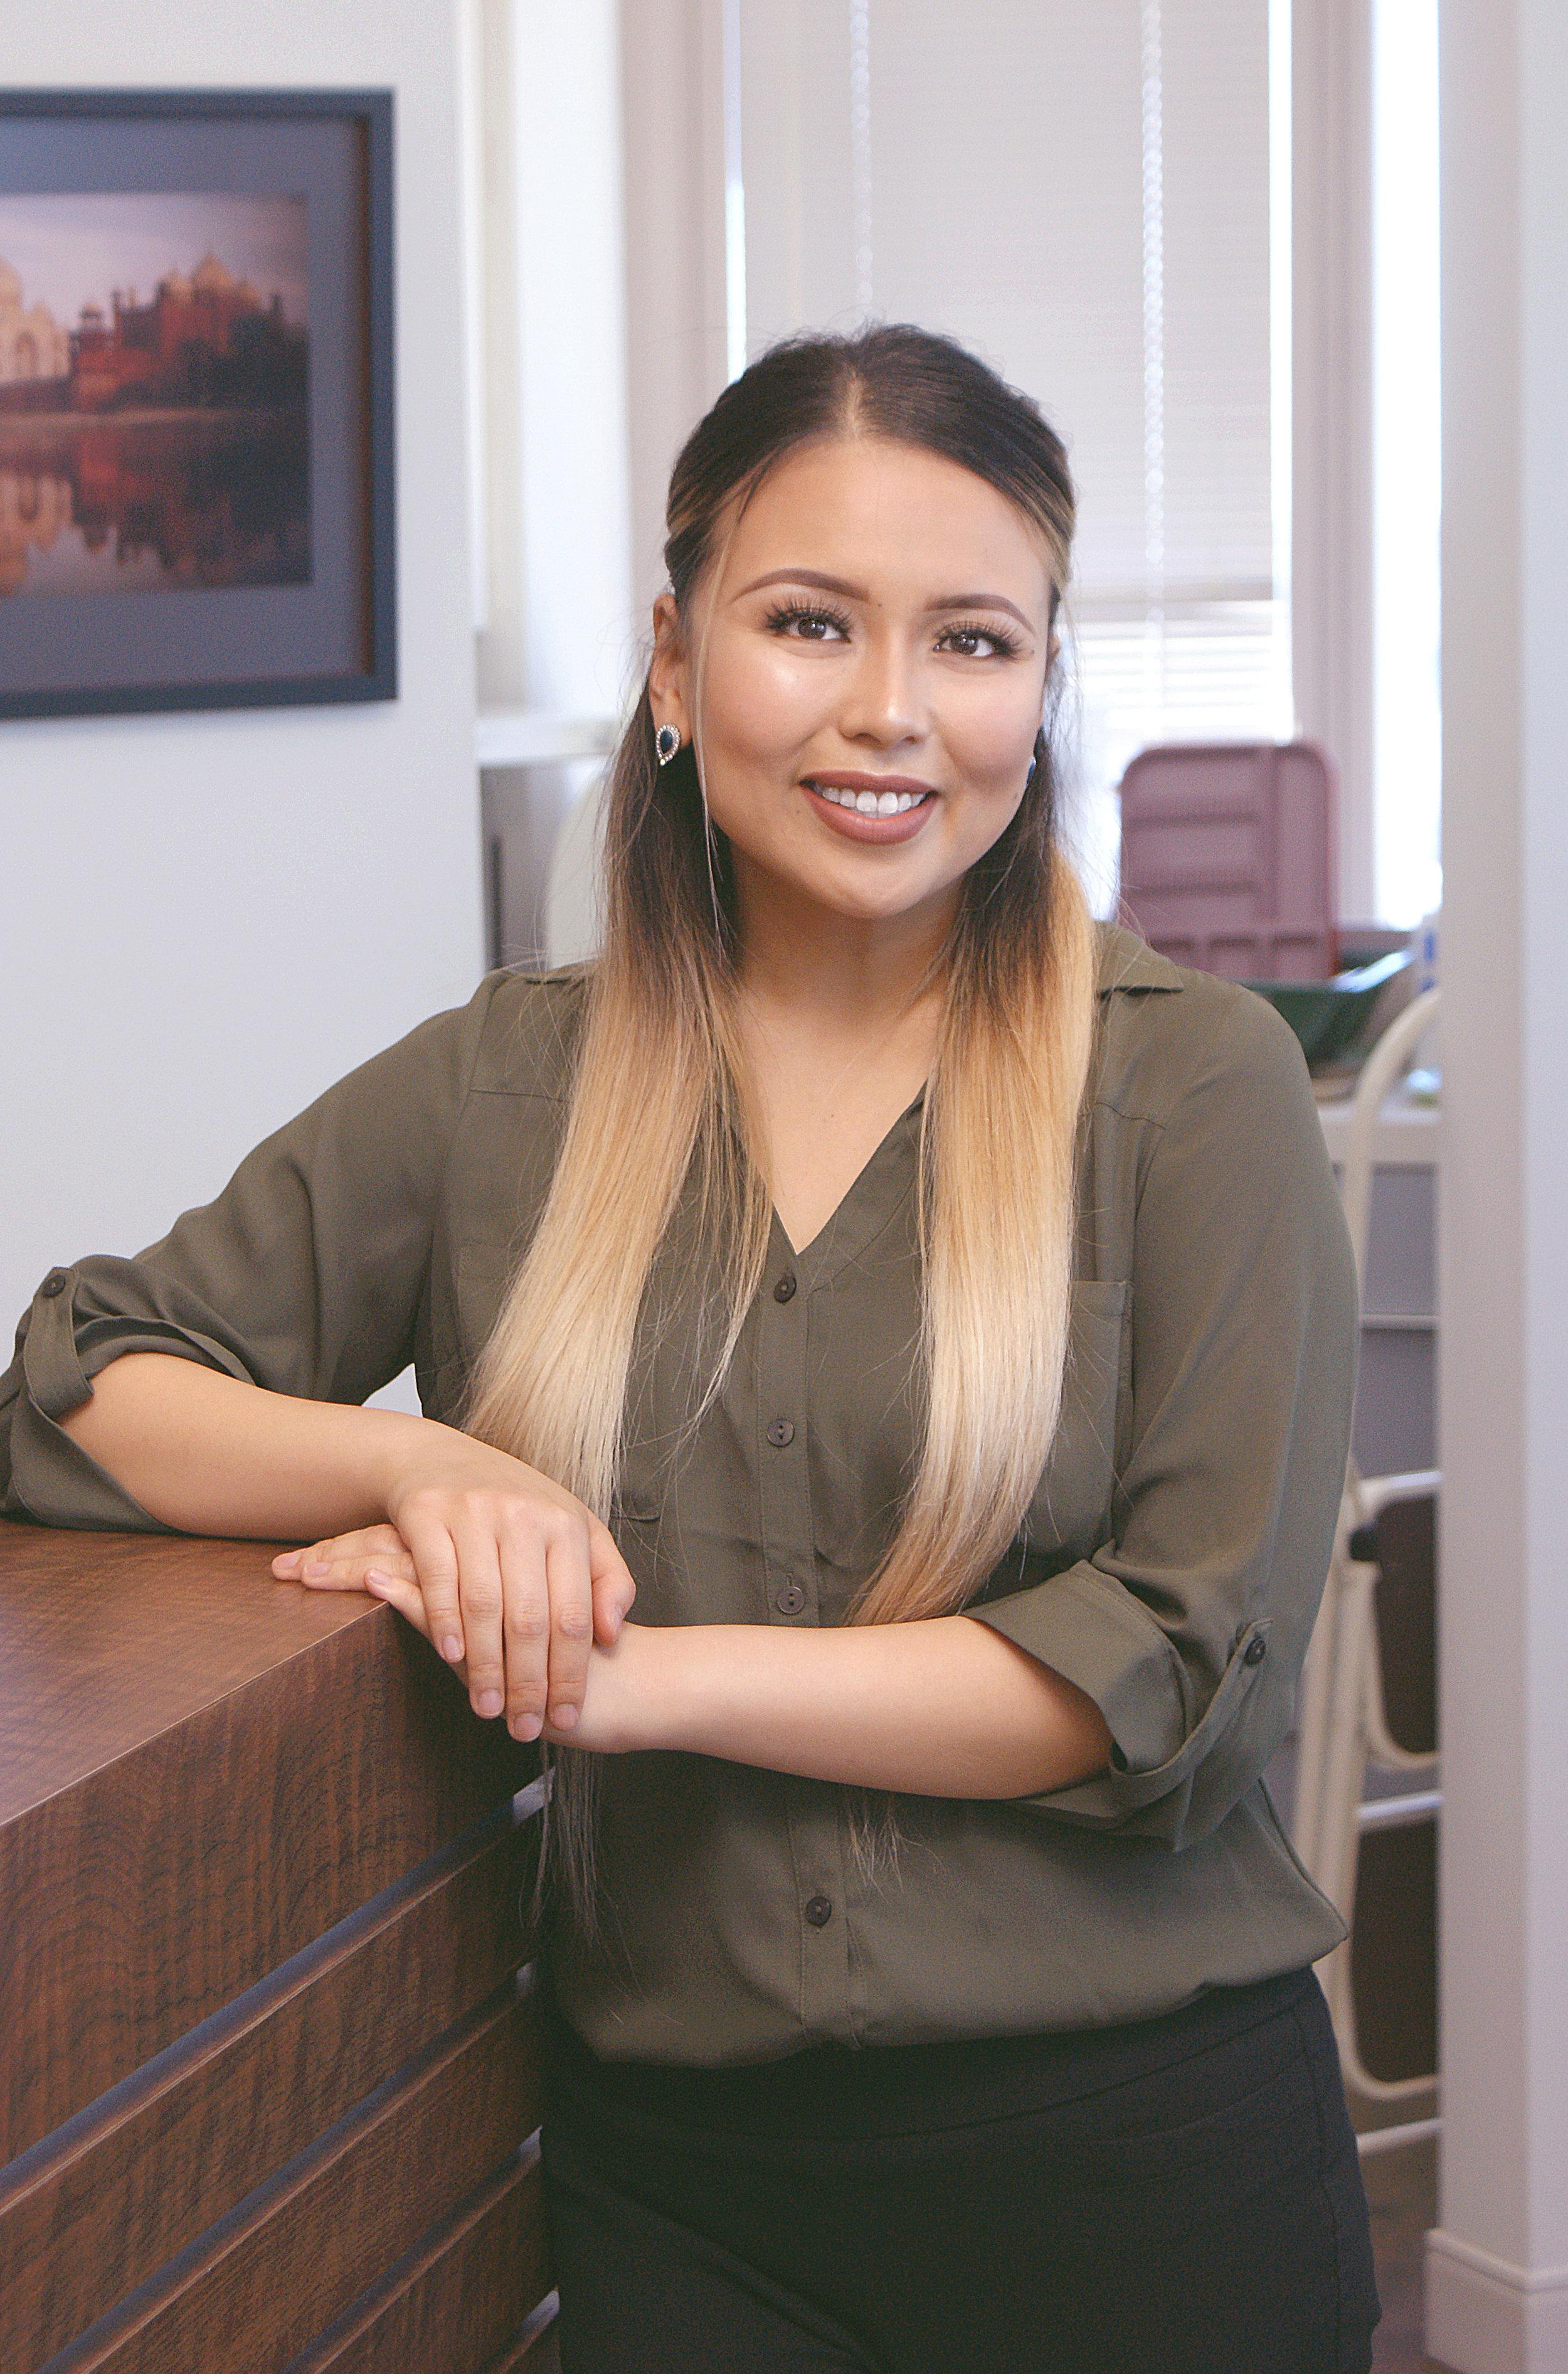 LIEZEL NAZARA - Assistant Office Manager